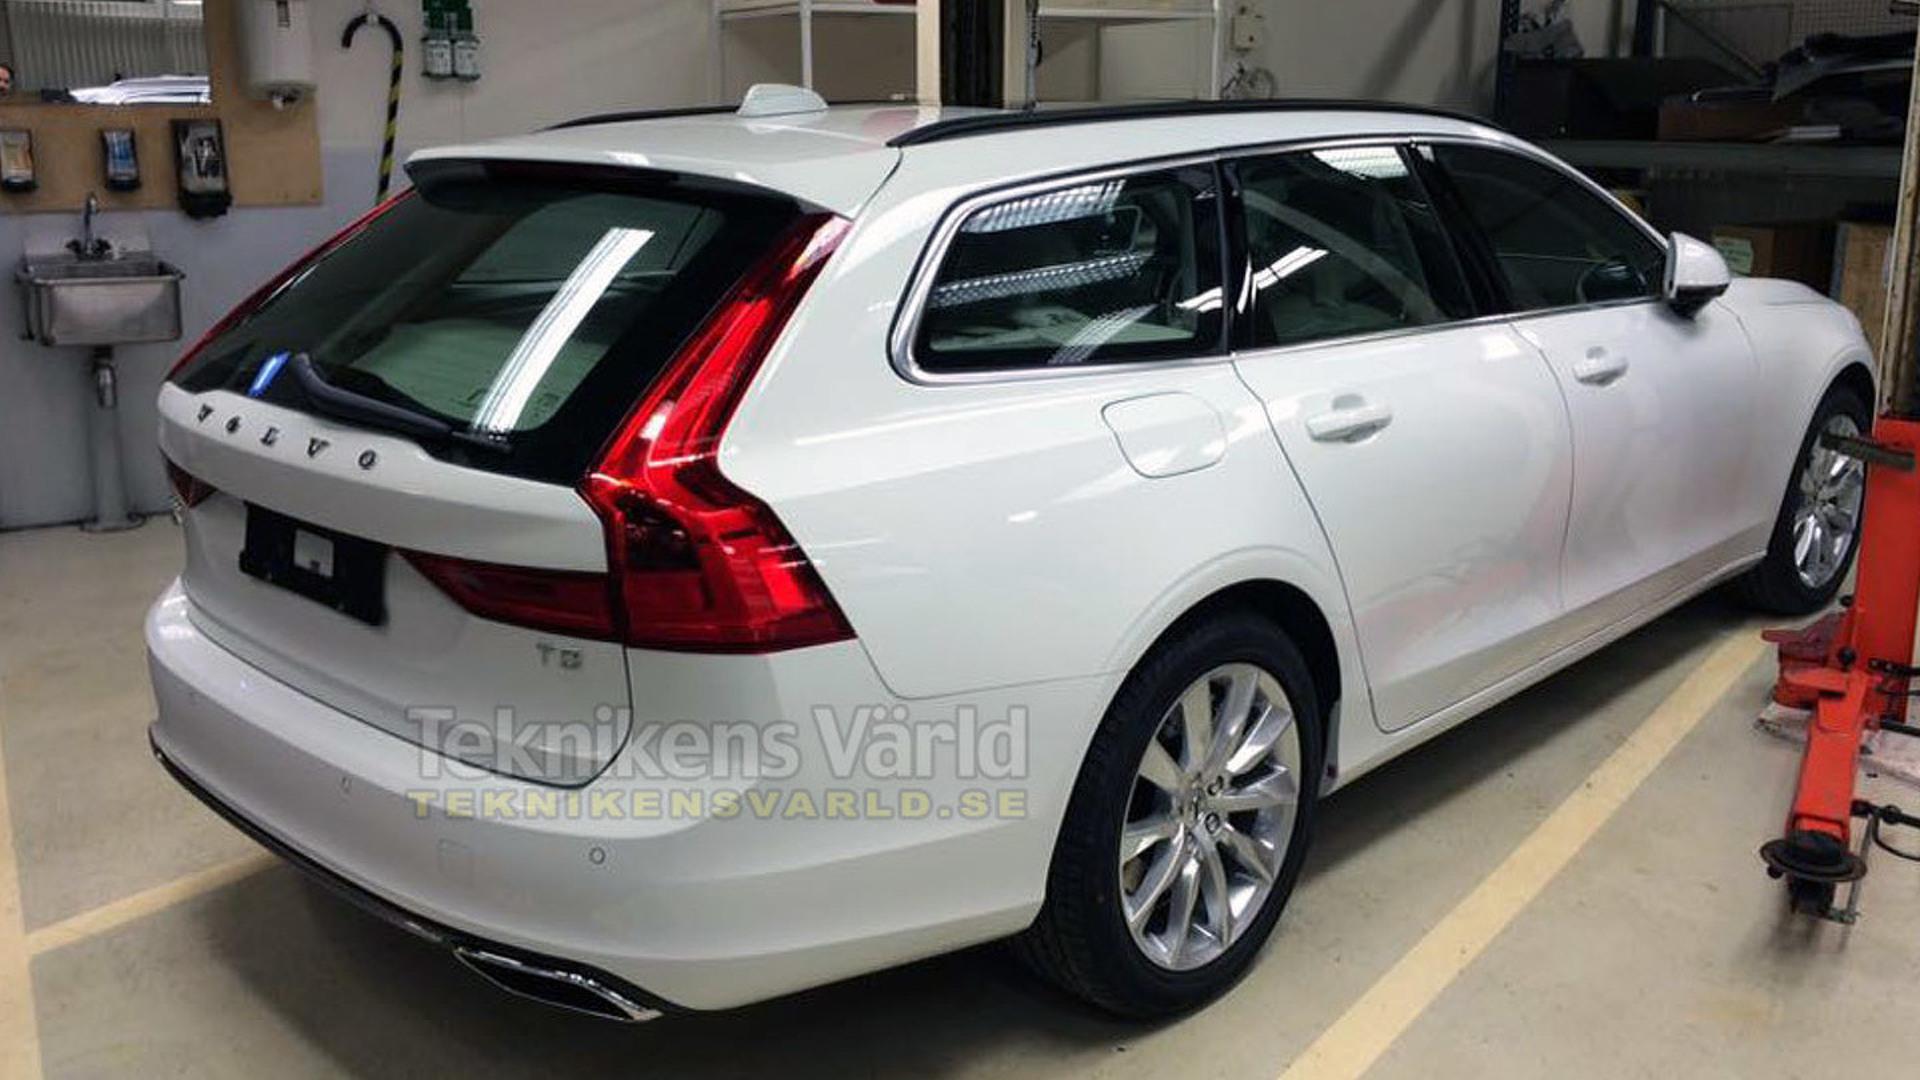 Volvo V90 teased before February 18 reveal [videos]